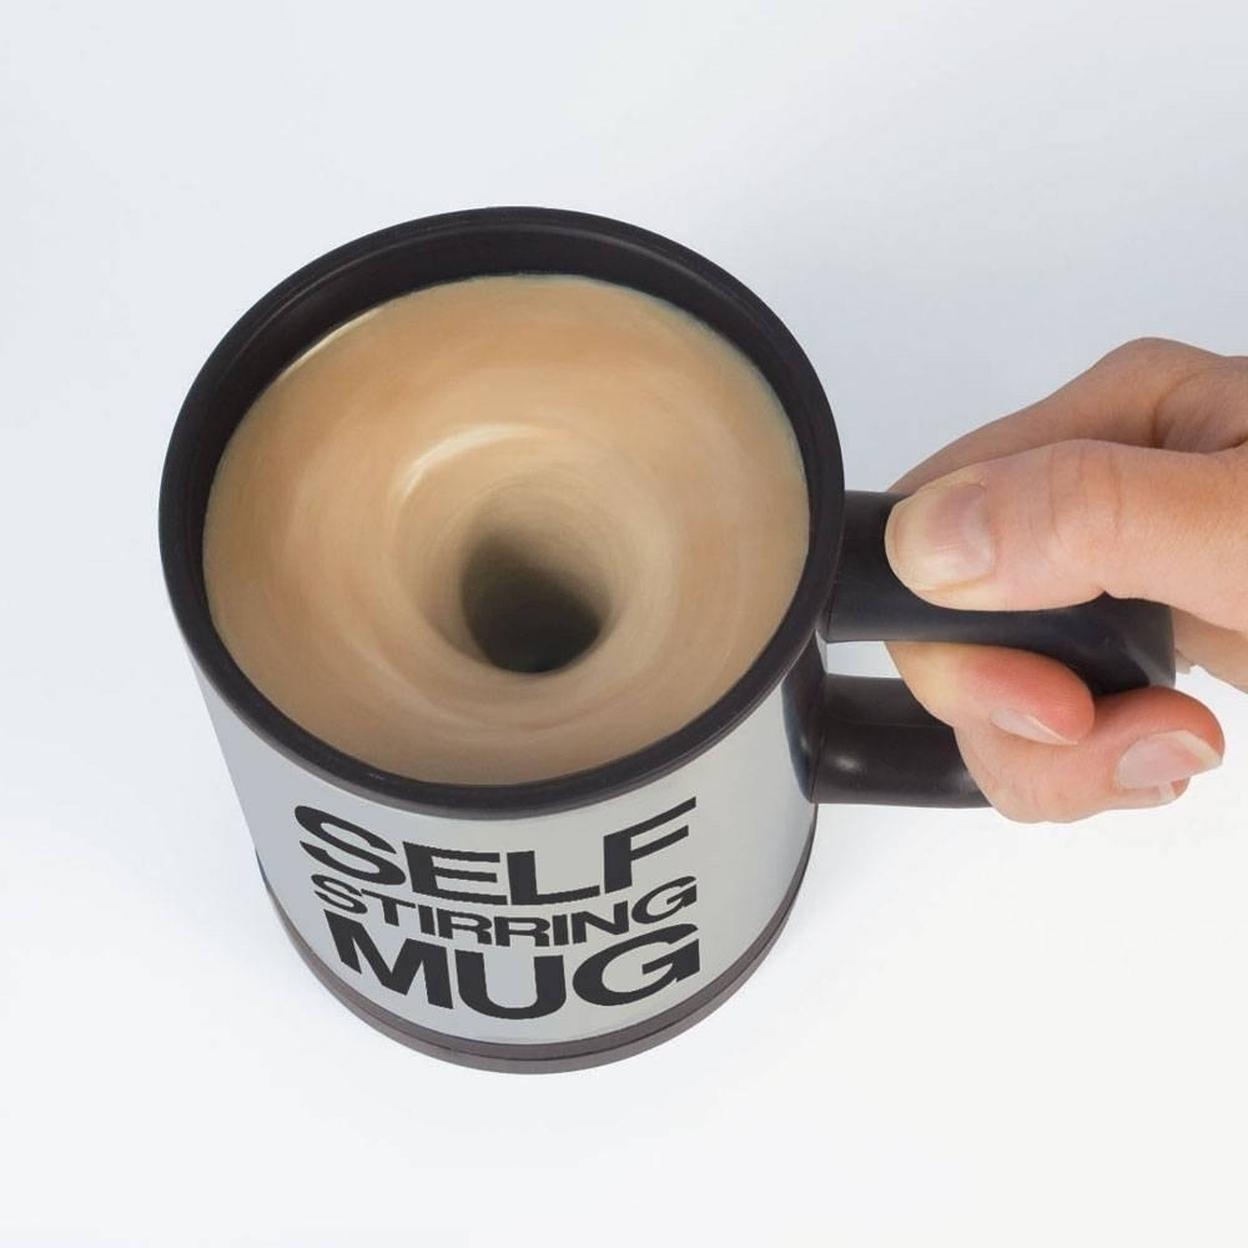 Self Stirring Coffee Mug - Black 59a4122bc98fc419fc495dd4